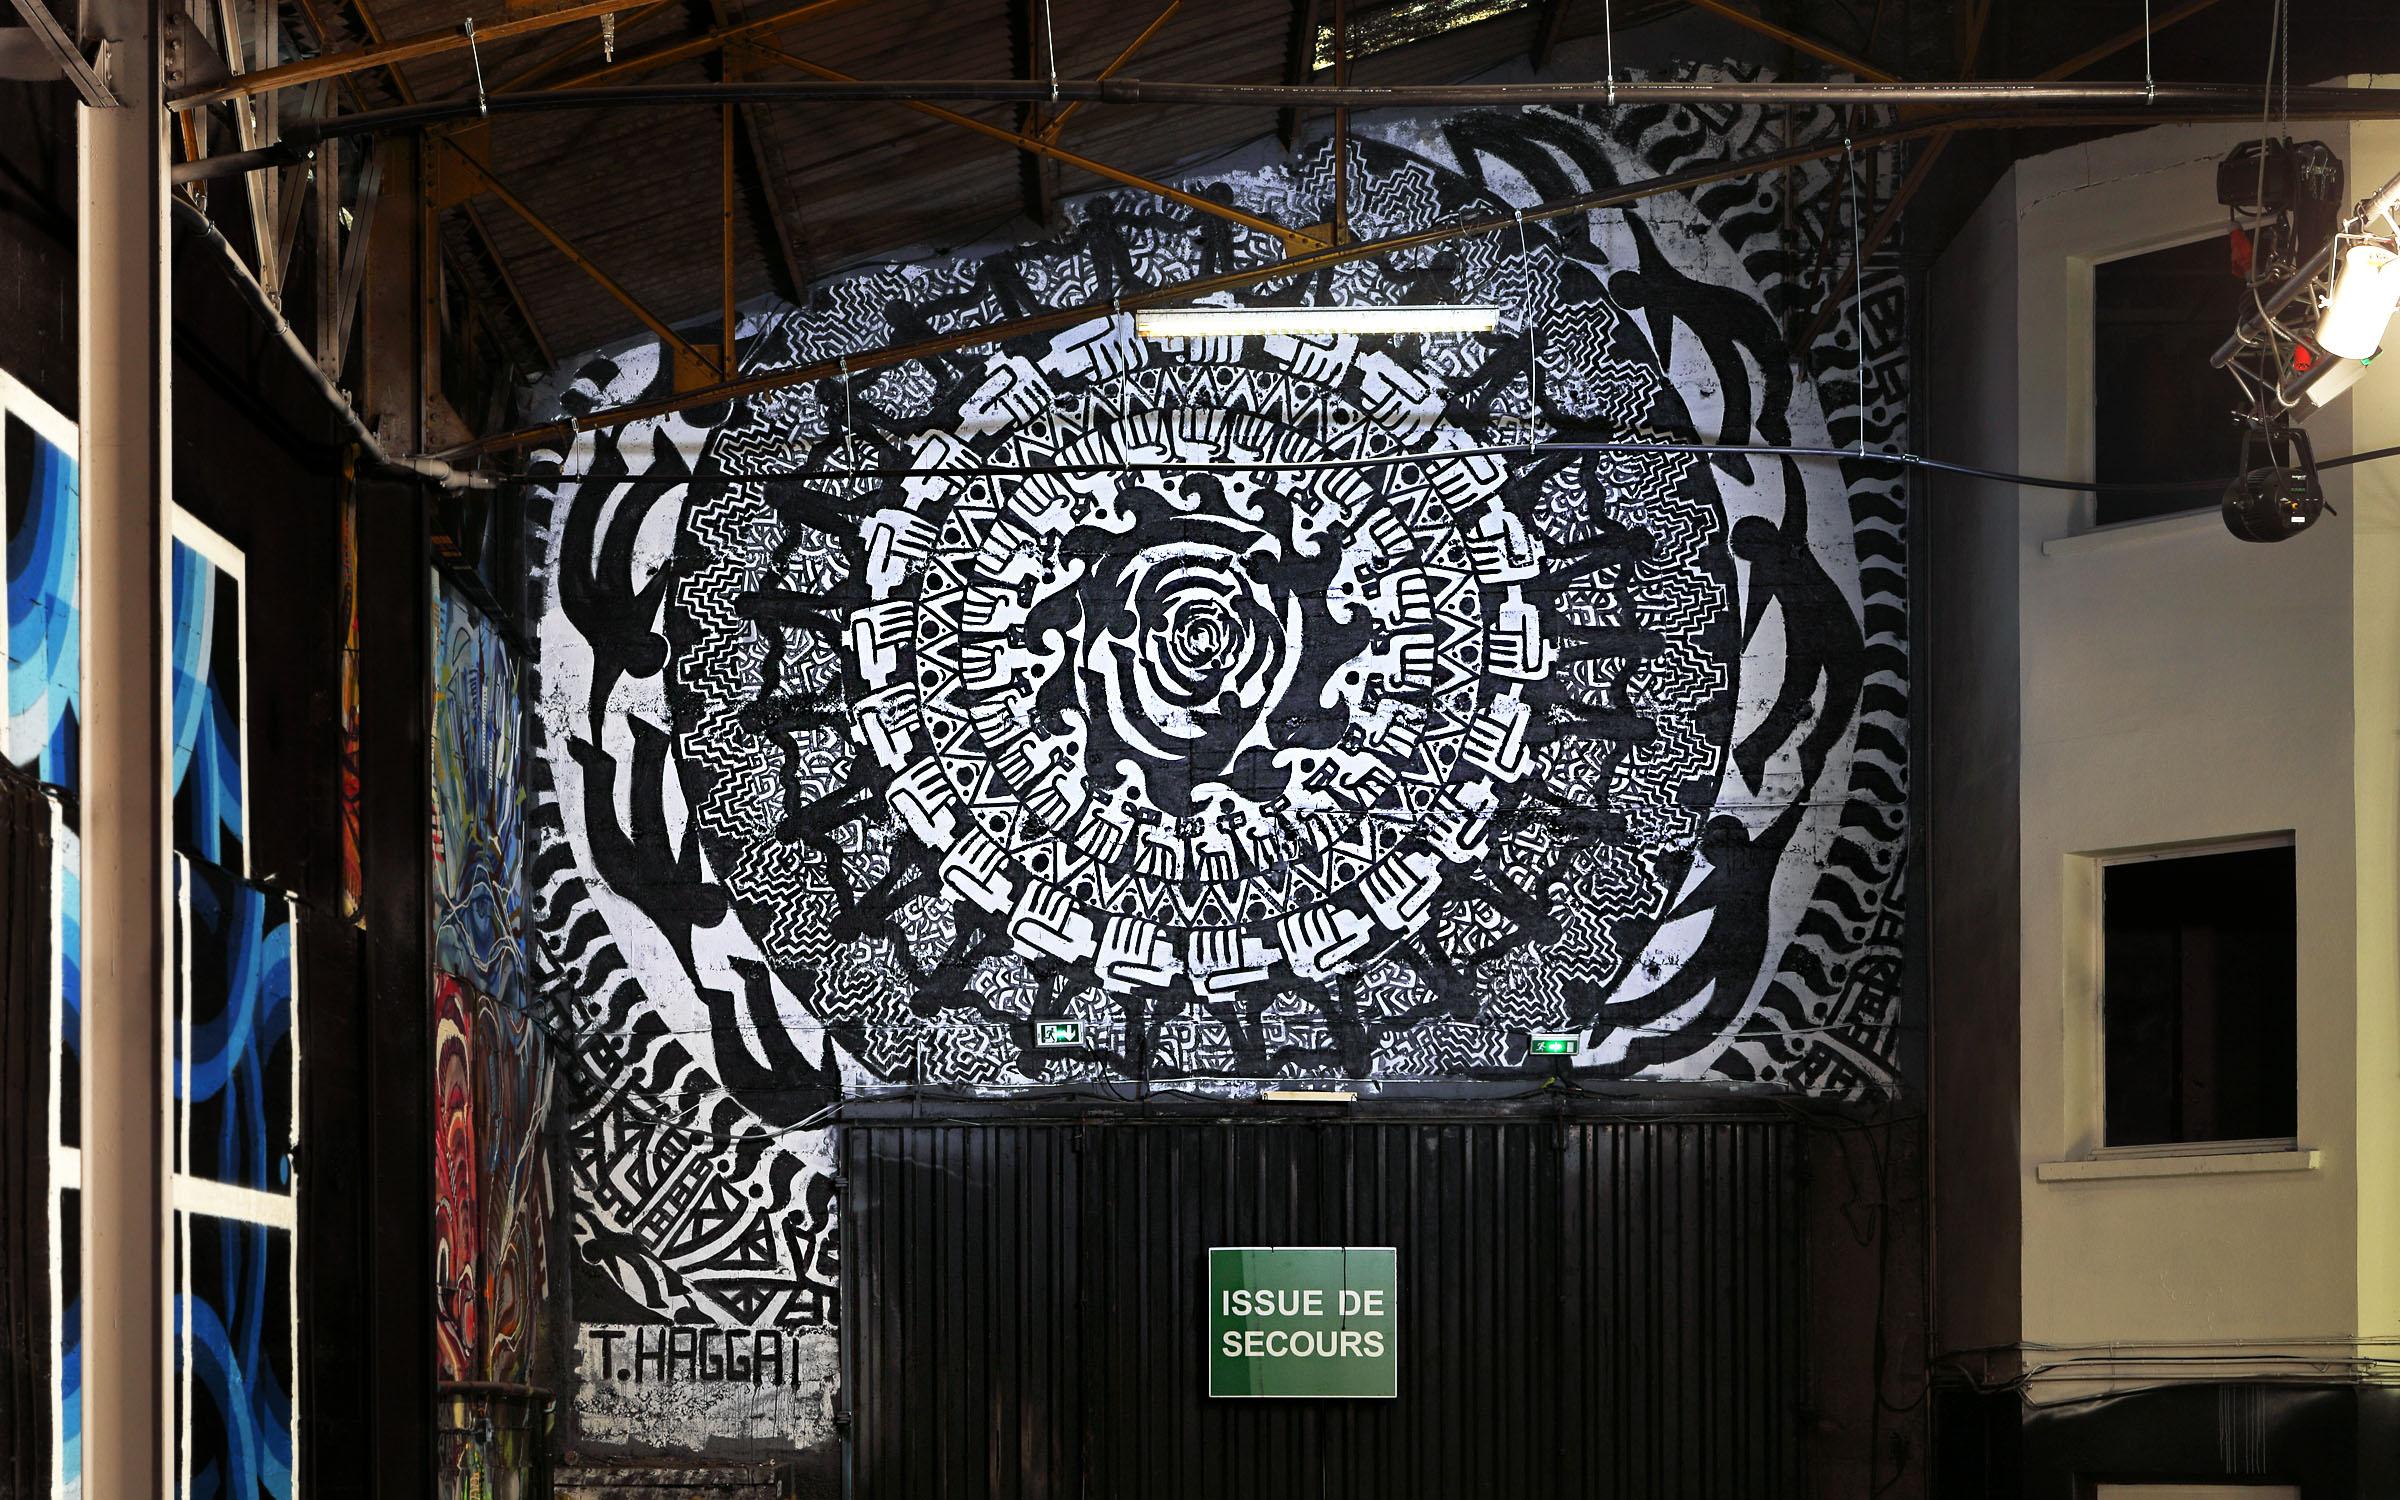 LHH-Peinture-Fraiche-Festival-2020-Theo-Haggai